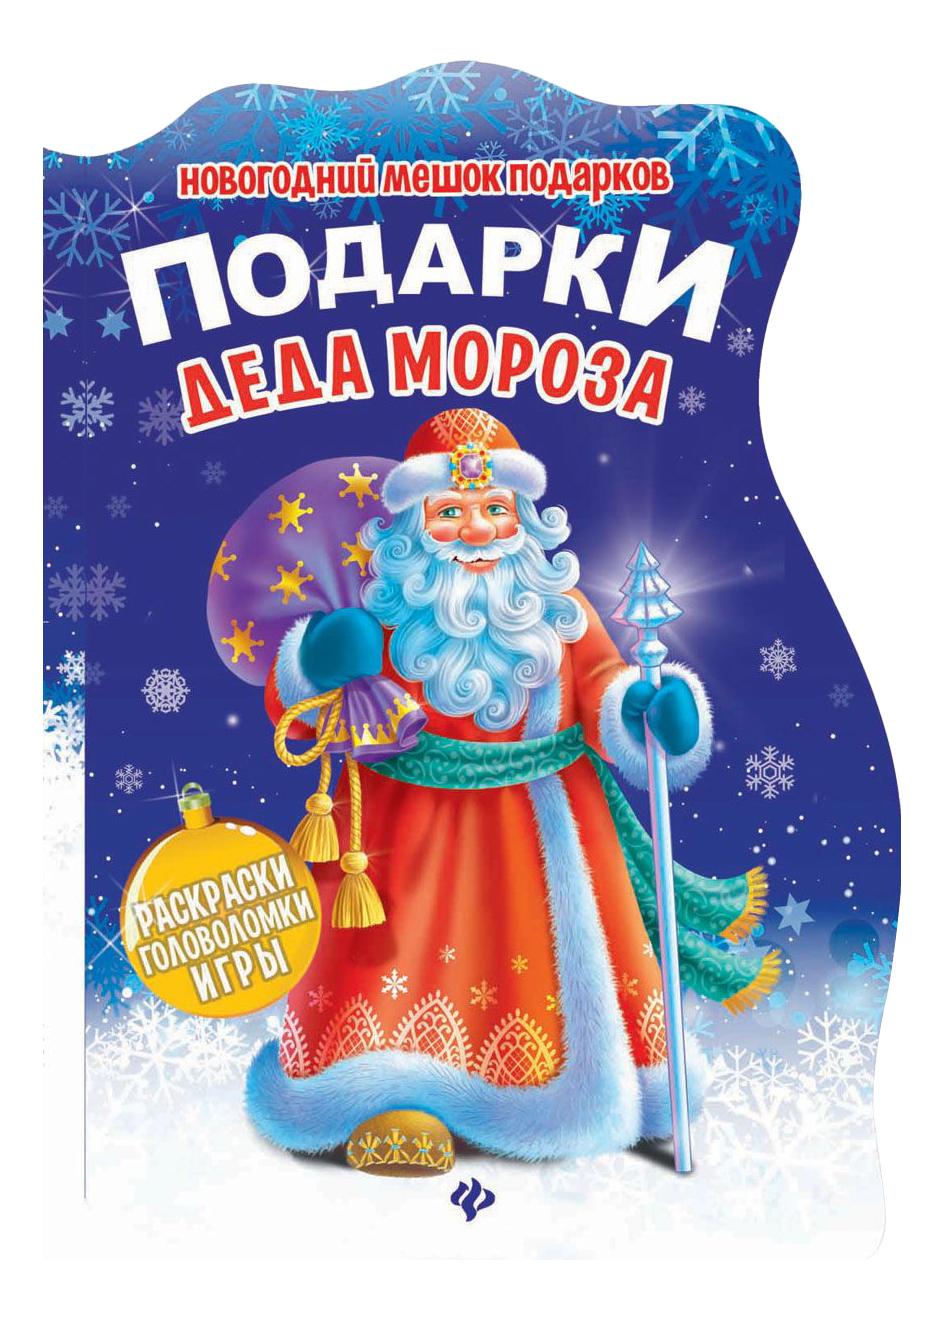 Купить Подарки Деда Мороза, Книжка С Заданиям и подарки Деда Мороза, Феникс, Книги по обучению и развитию детей